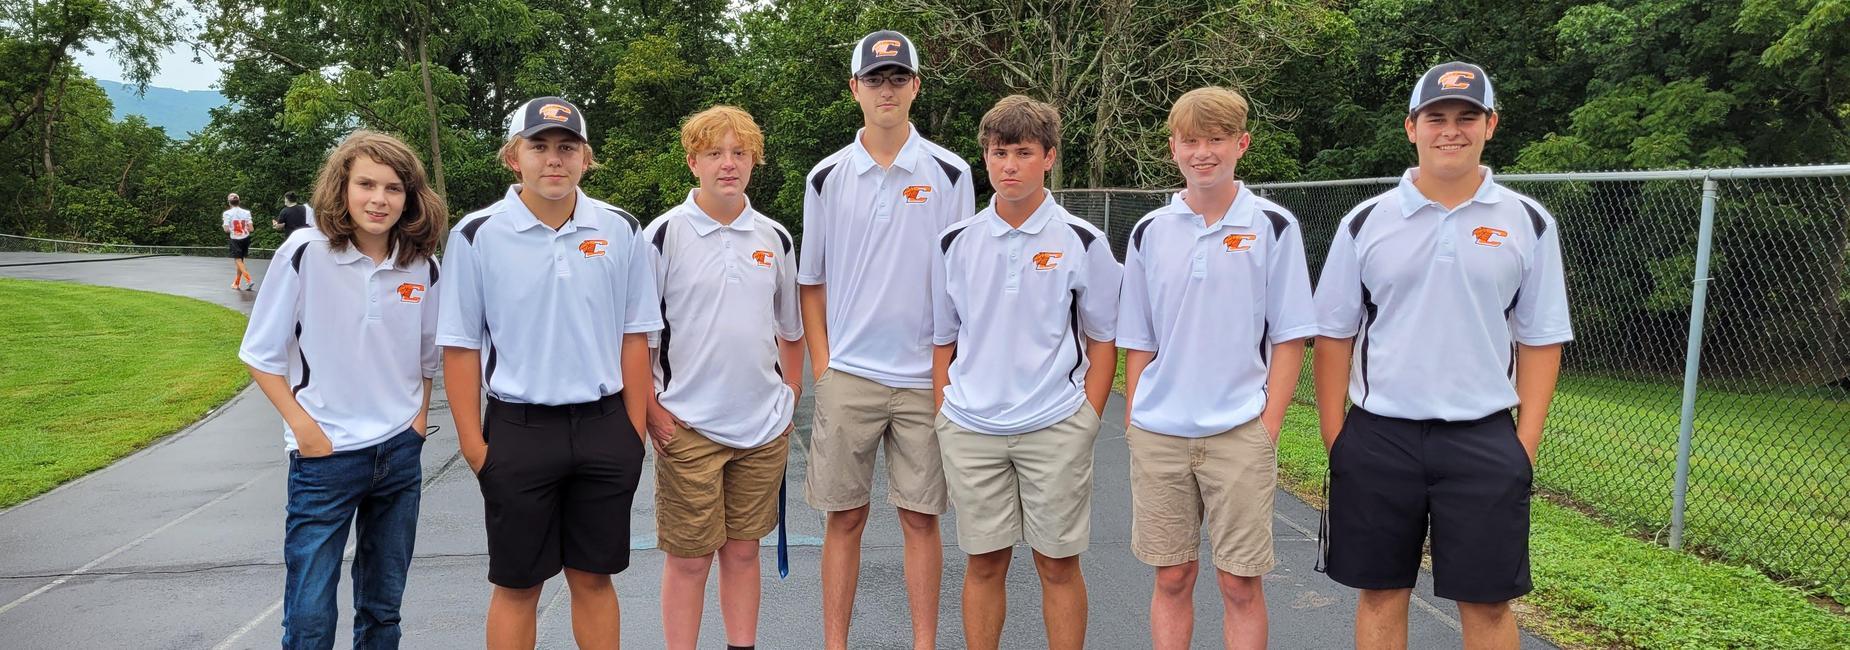 Chilhowie High School Golf Team